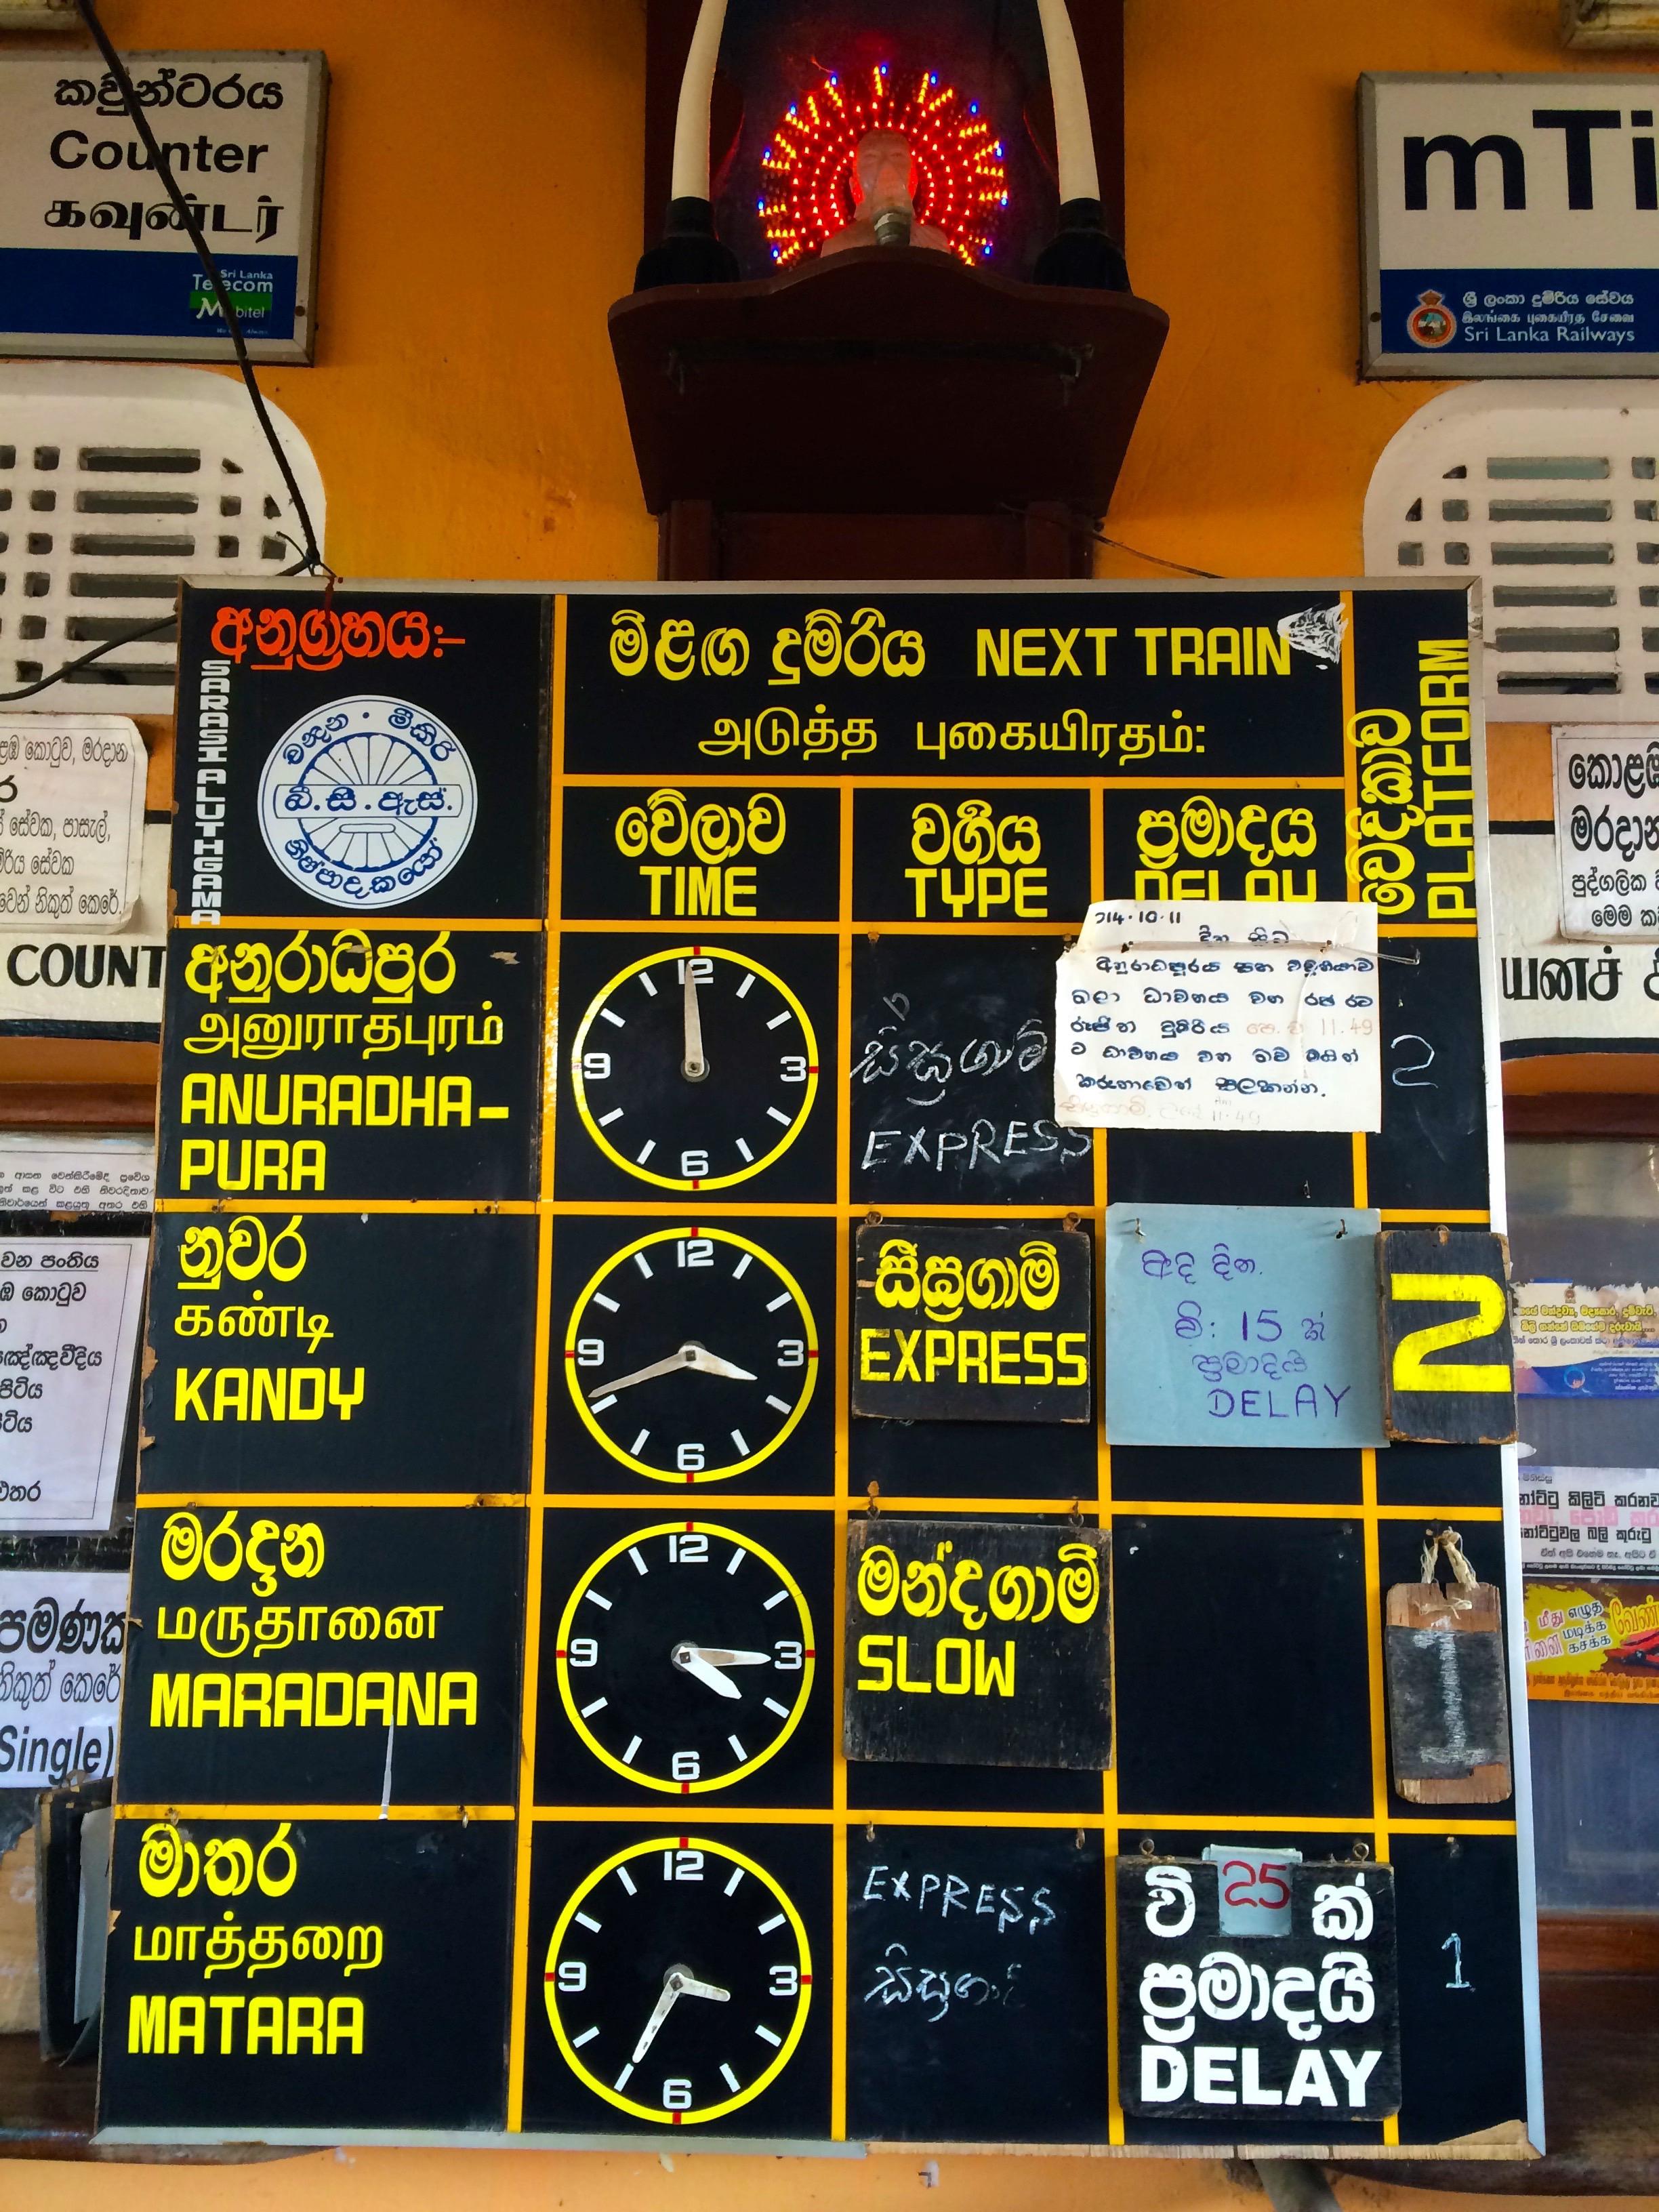 Tableau d'affichage à la Sri Lankaise